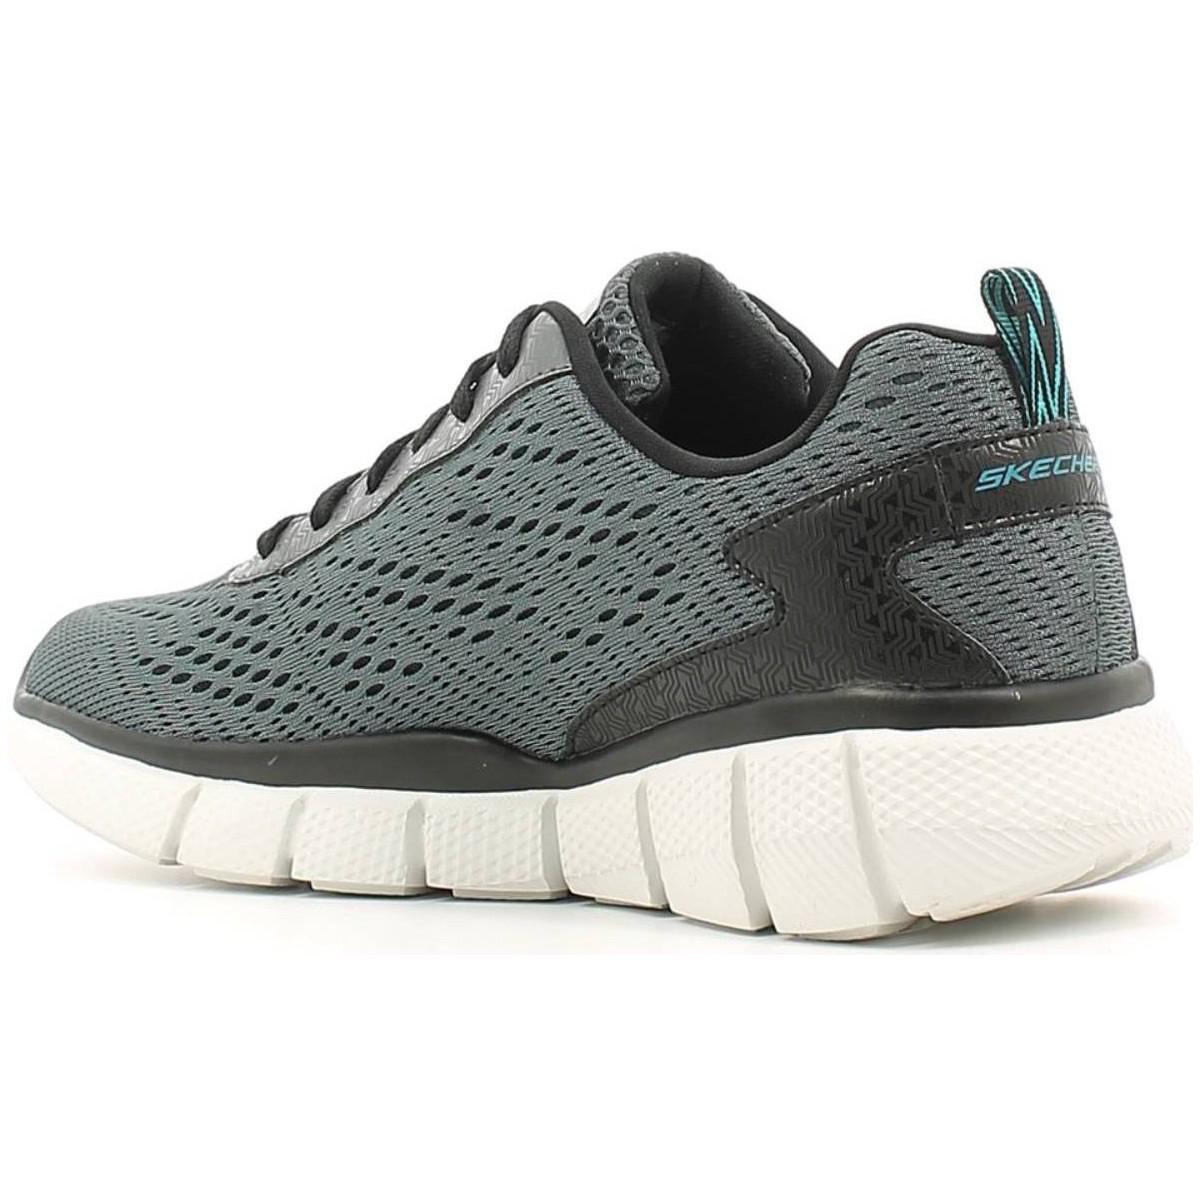 Sneakers homme decathlon